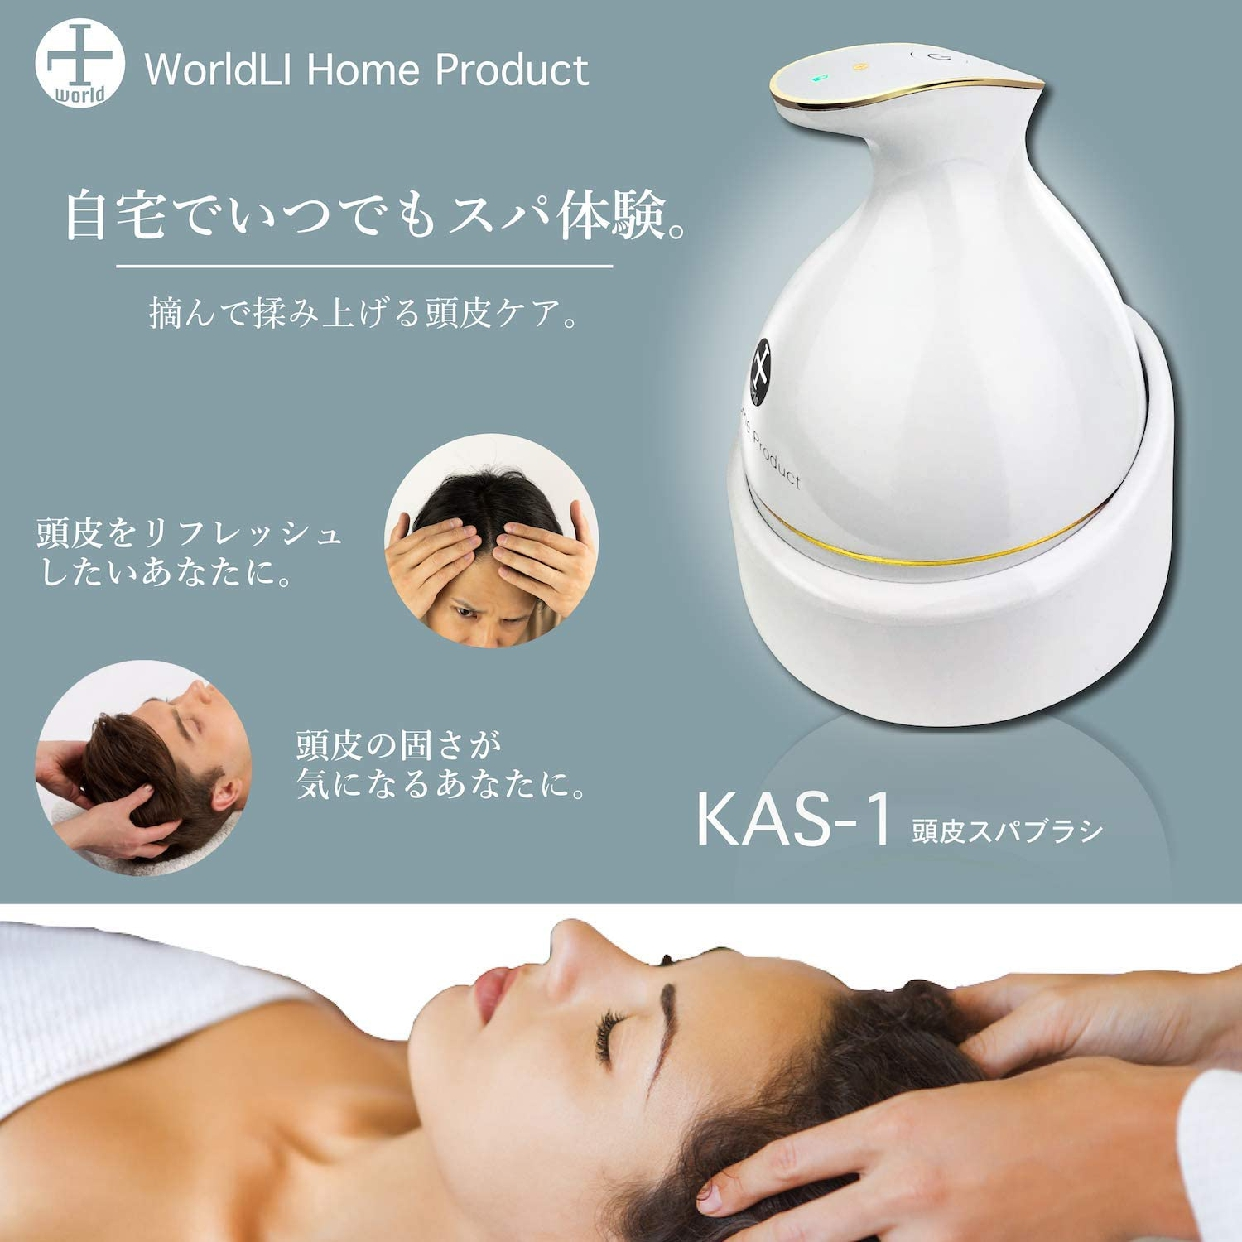 WorldLI Home Product(ワールドエルアイホームプロダクト)頭皮マッサージ器 KAS-1の商品画像2